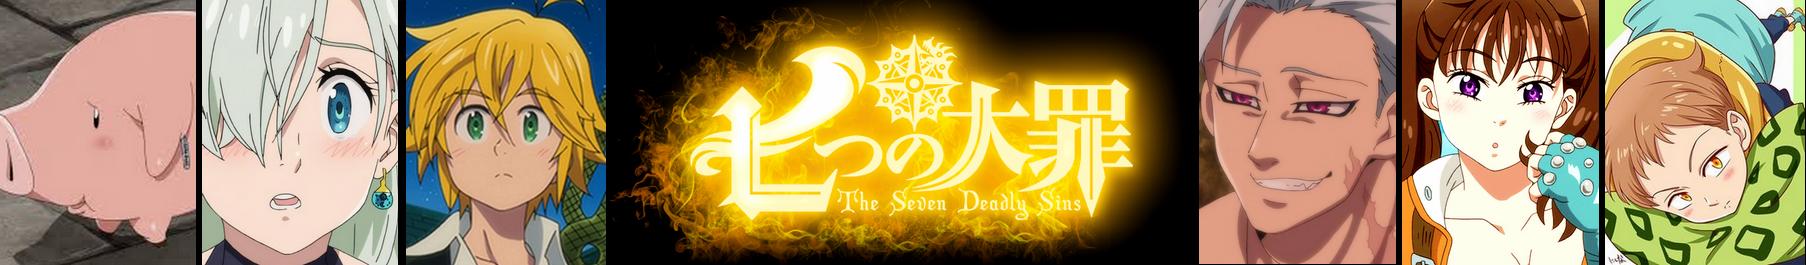 Personnages Nanatsu no Taizai